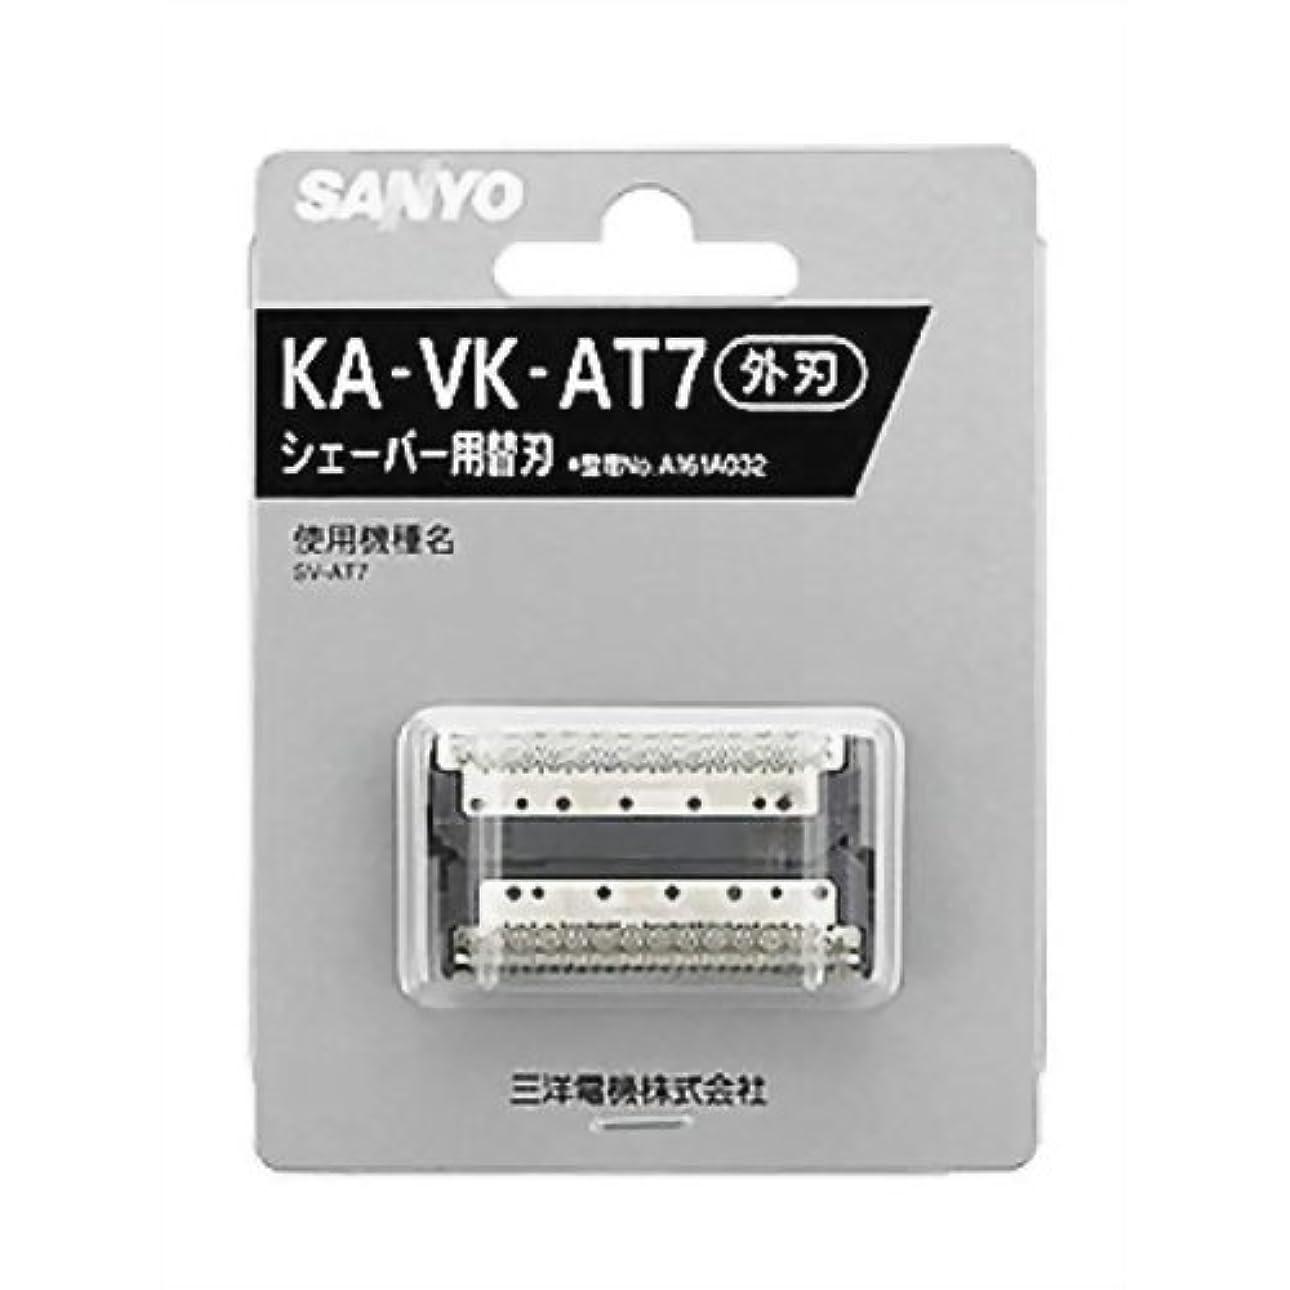 含意影響力のある宗教的なSANYO メンズシェーバー替刃(外刃) KA-VK-AT7